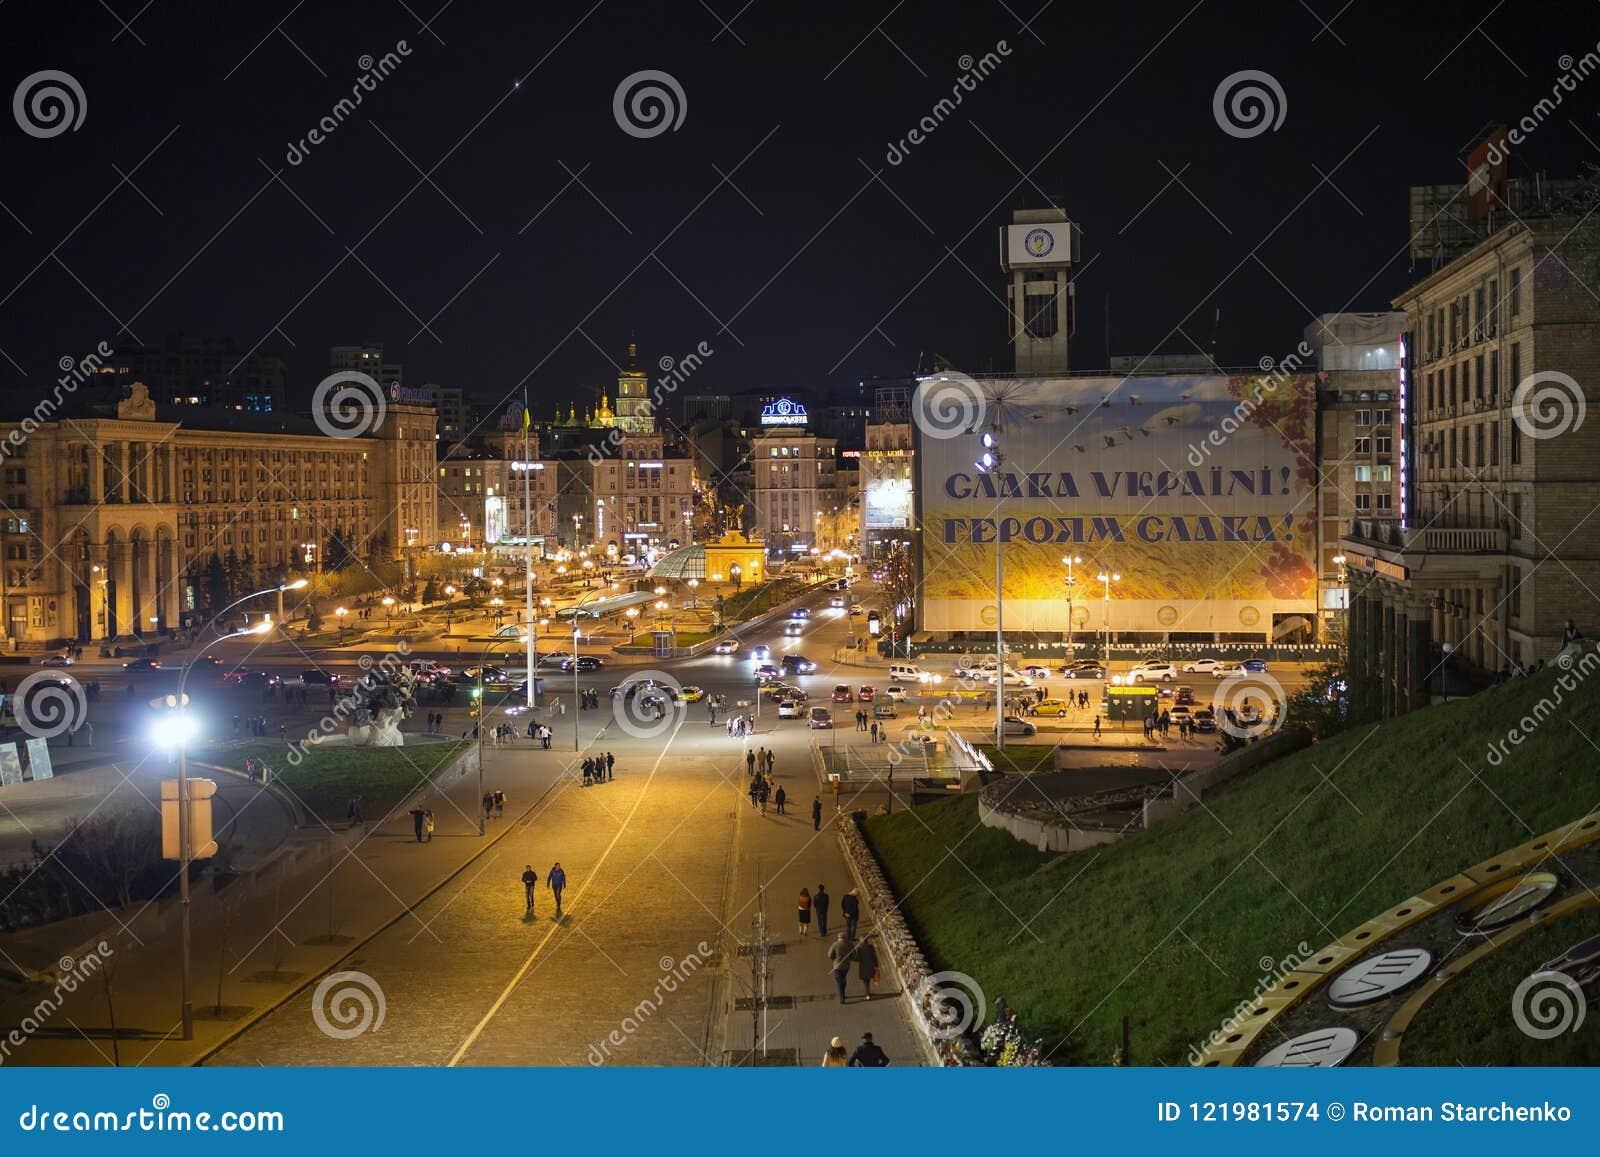 Kiev.Ukraine. 17.04.2015. Center streets of Kiev in night illumination in summer